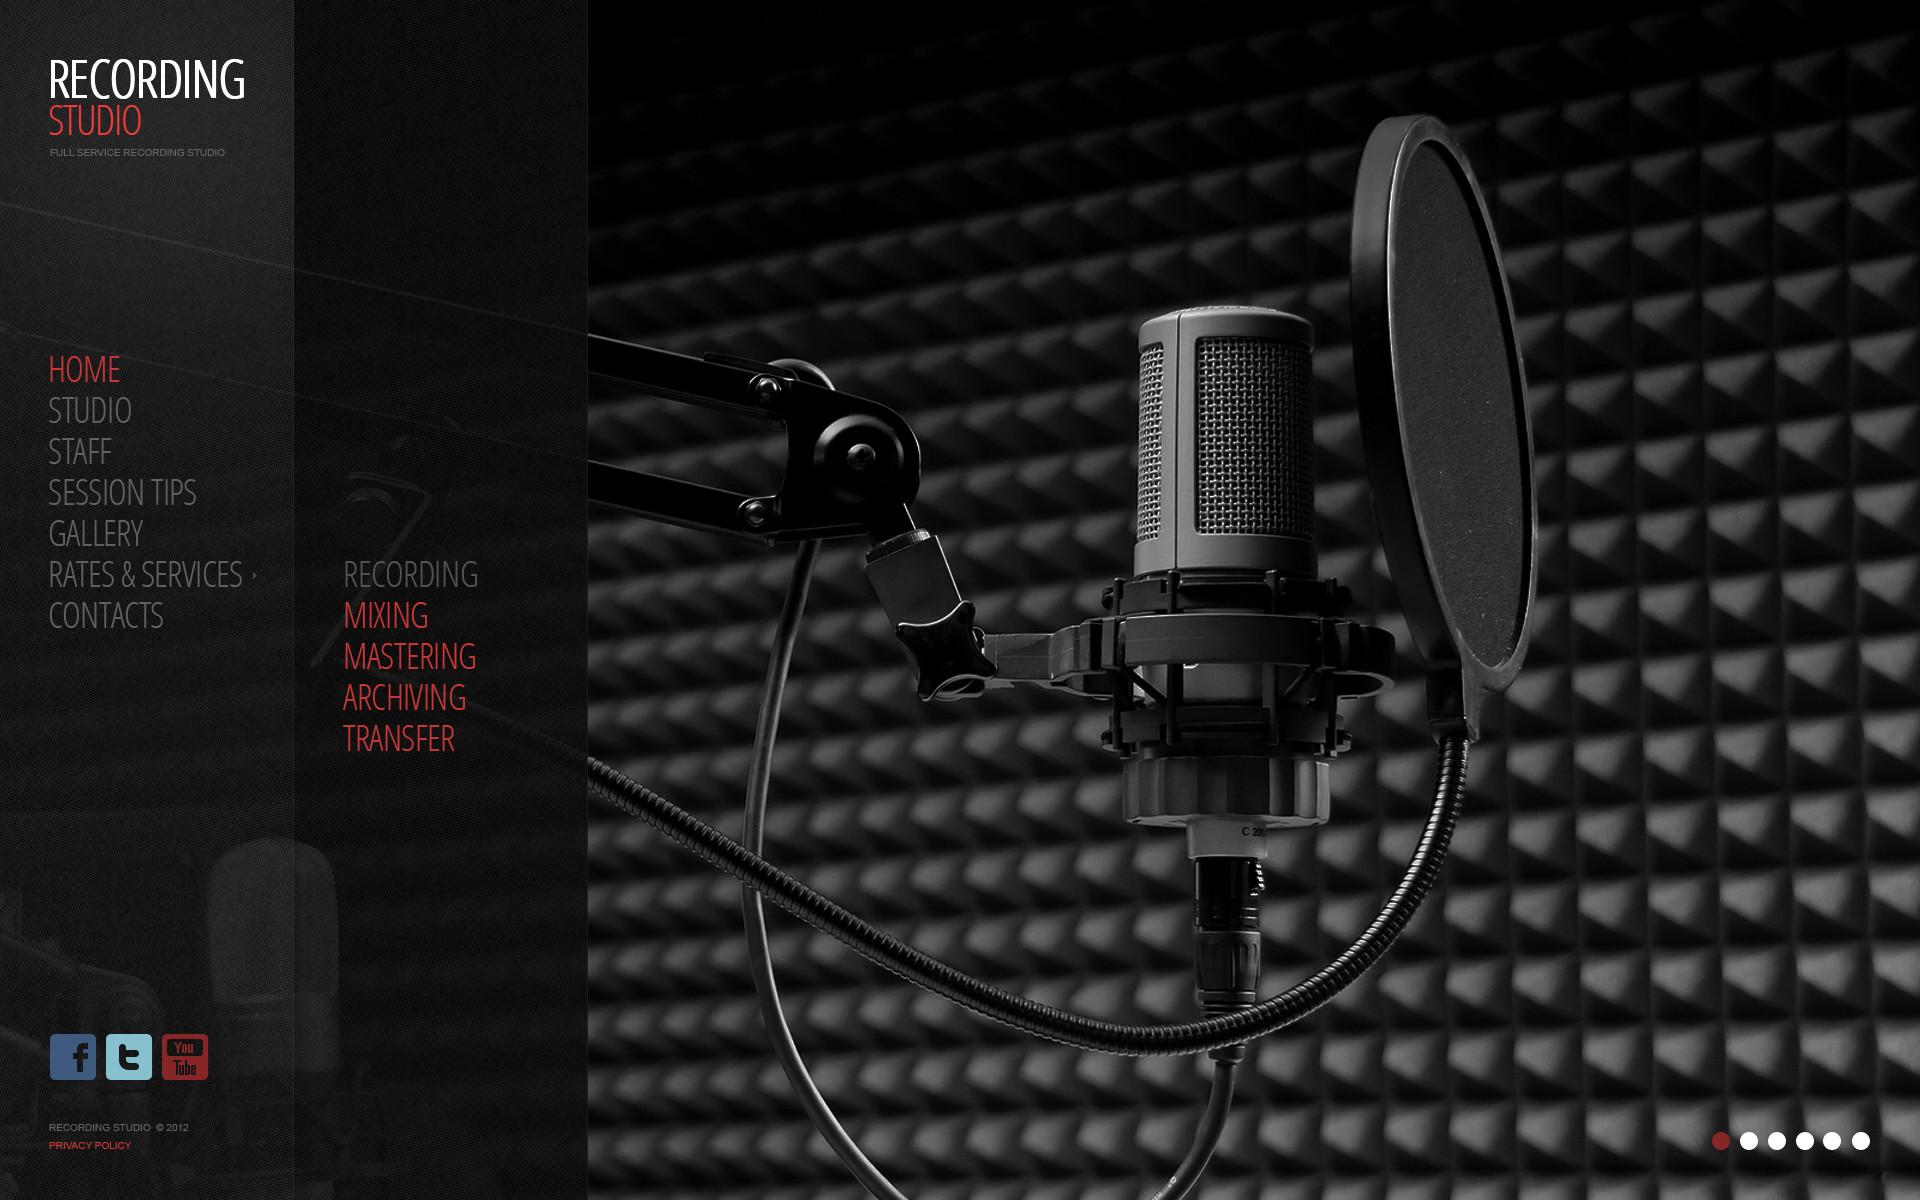 HD Recording Studio Wallpaper (70+ Images